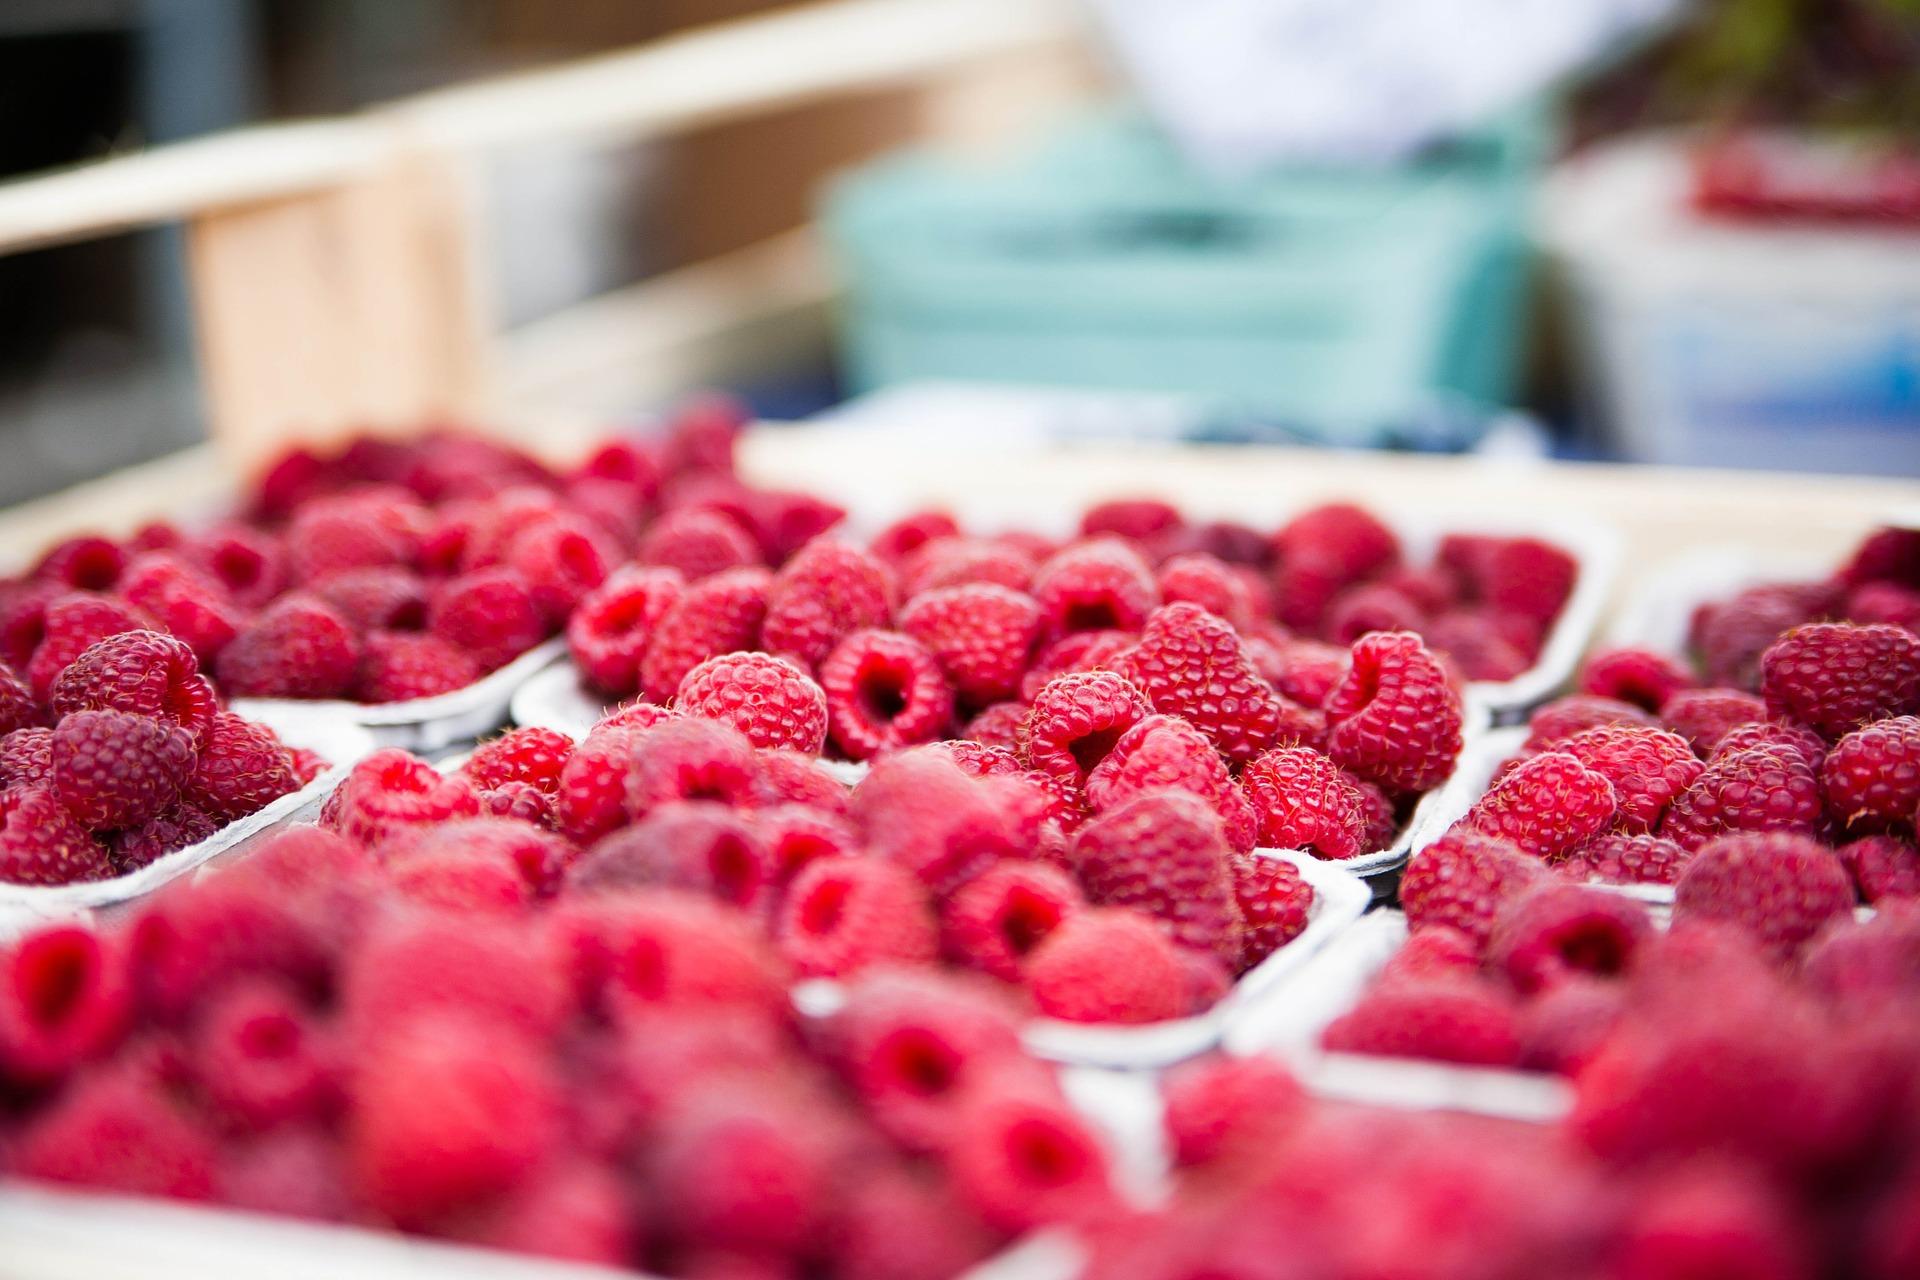 raspberries-422979_1920.jpg